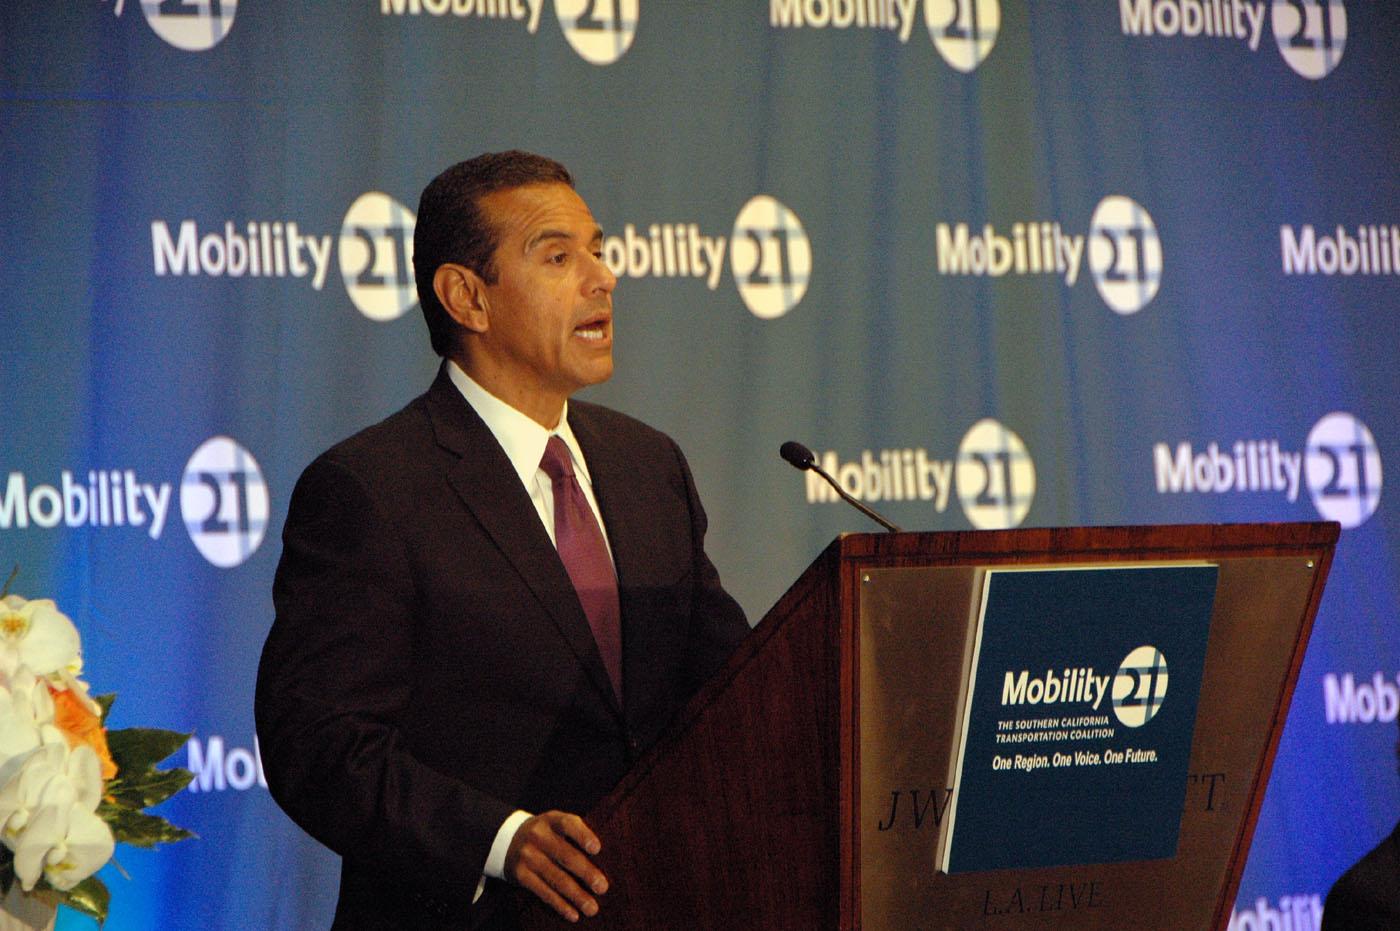 El alcalde Antonio Villaraigosa ofreció el discurso principal en la sesión inicial de Mobility 21